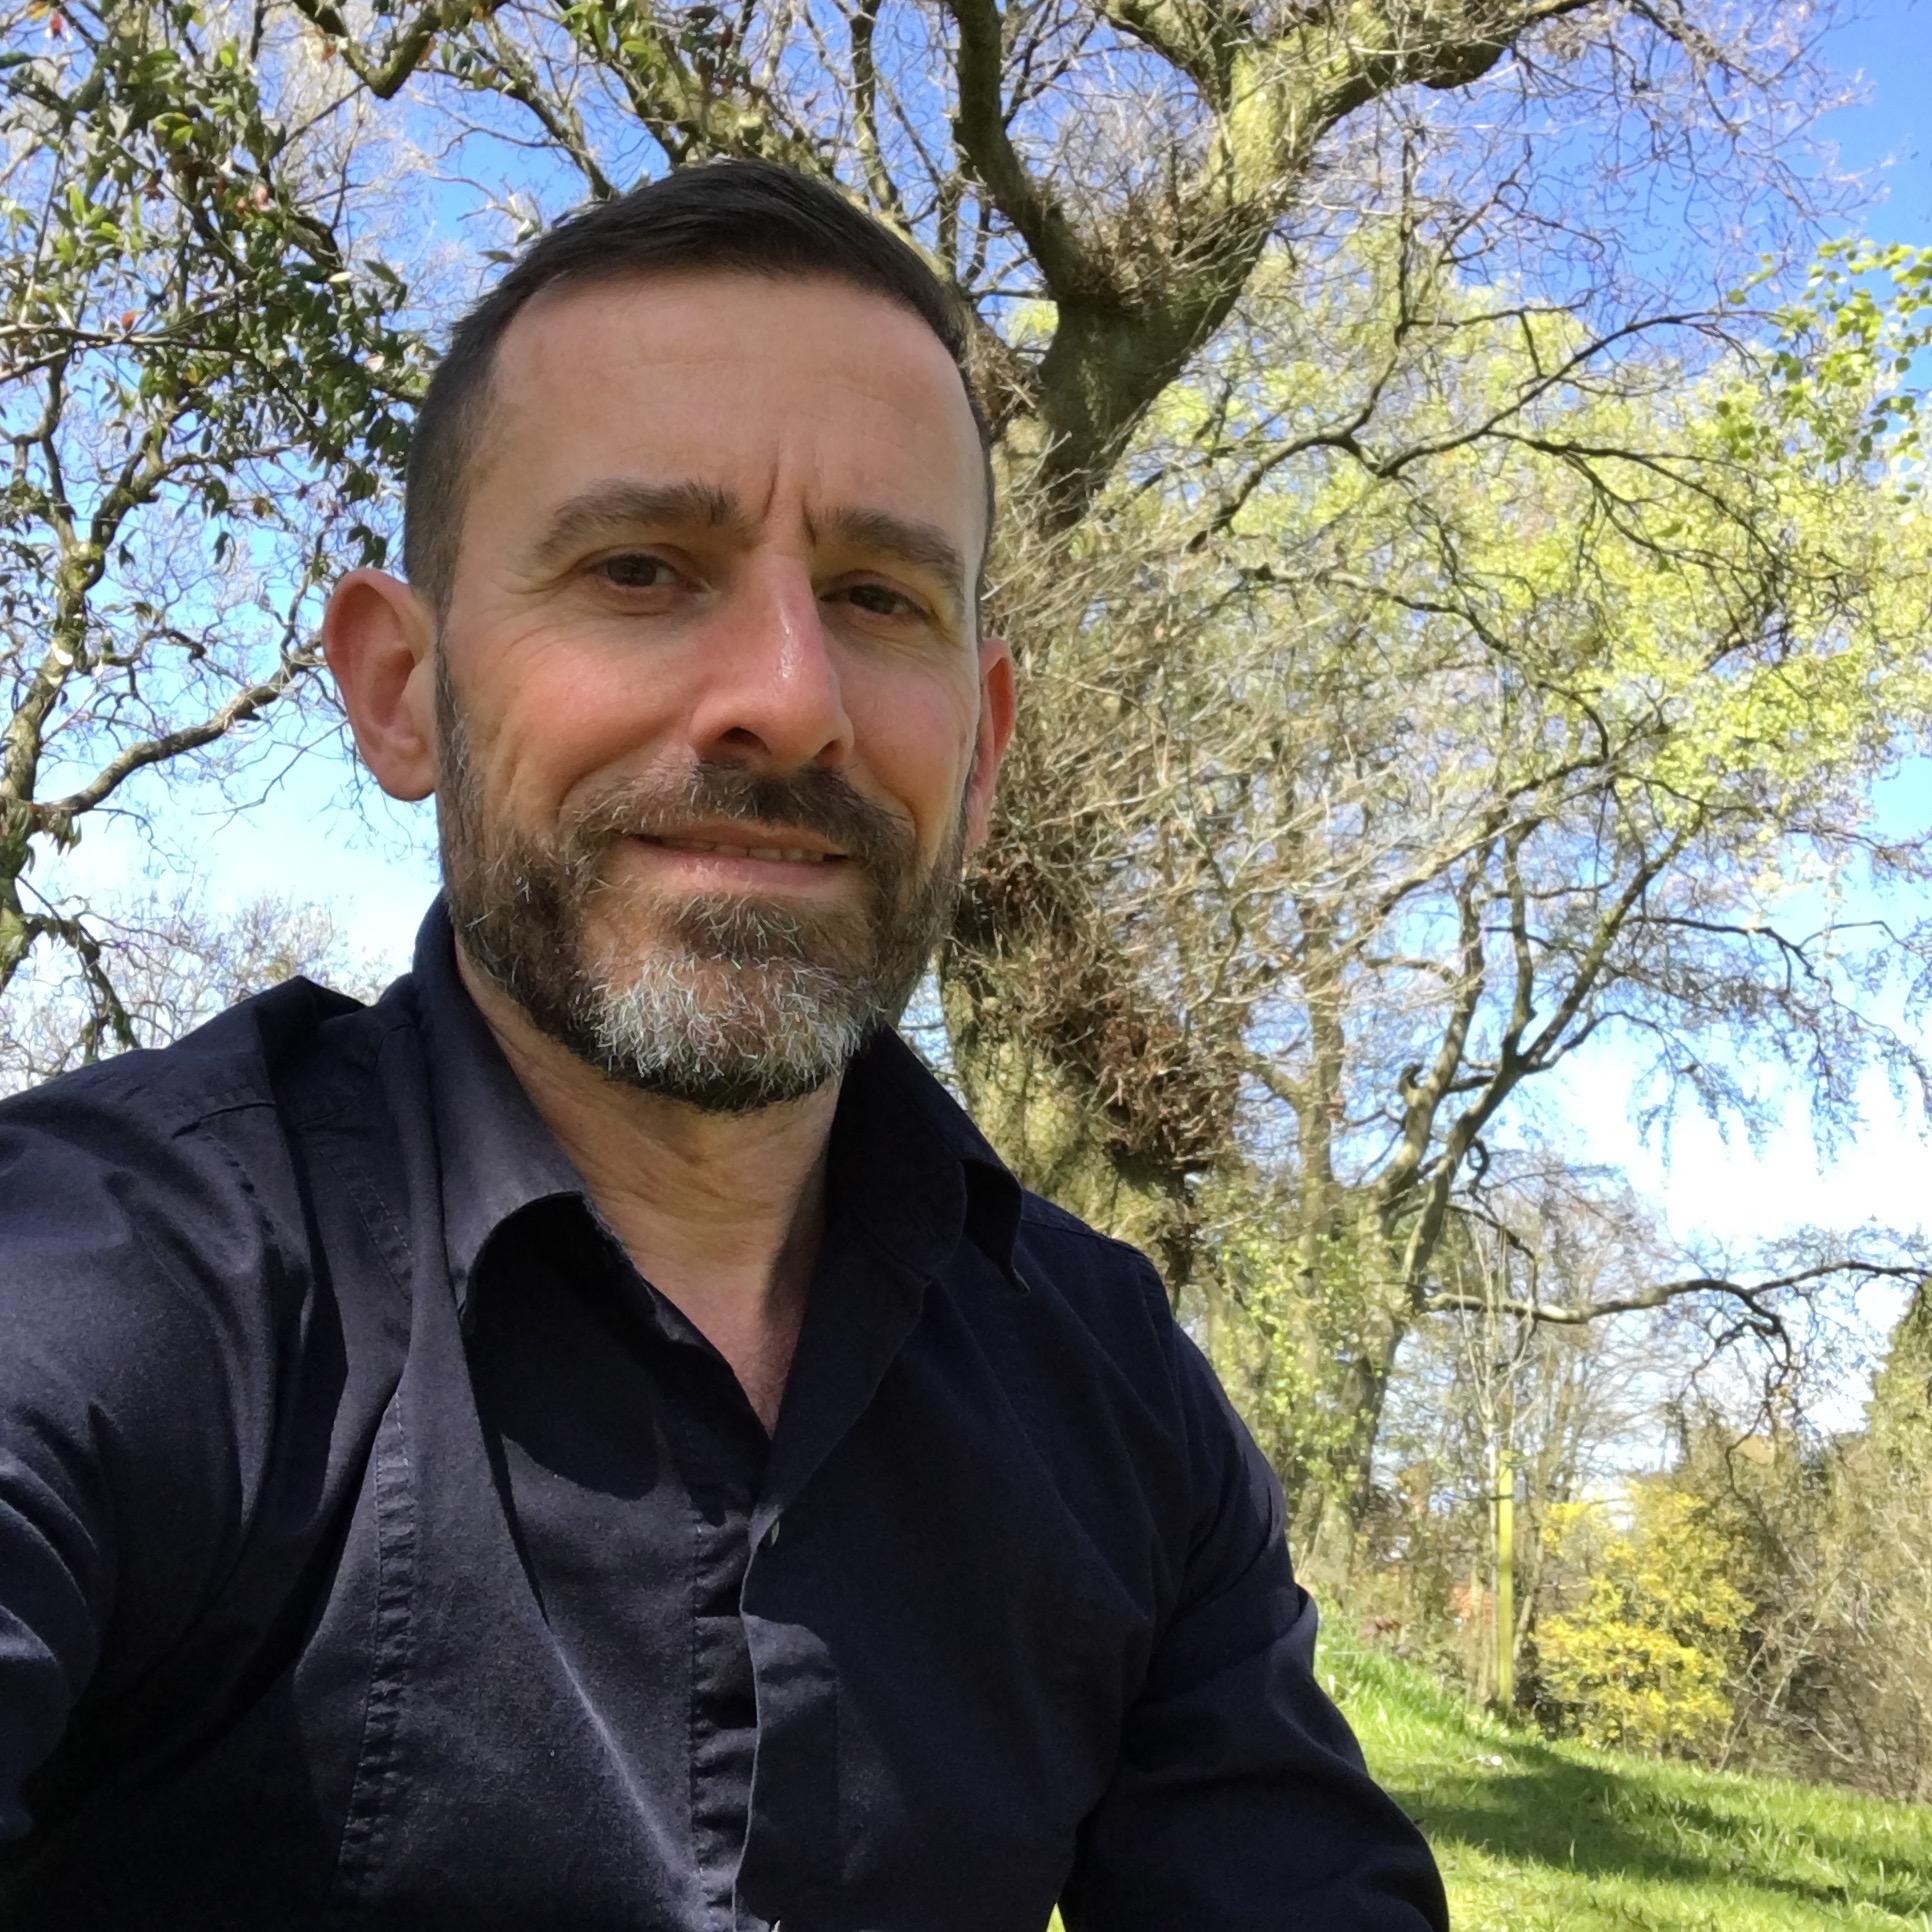 Adam Schembri